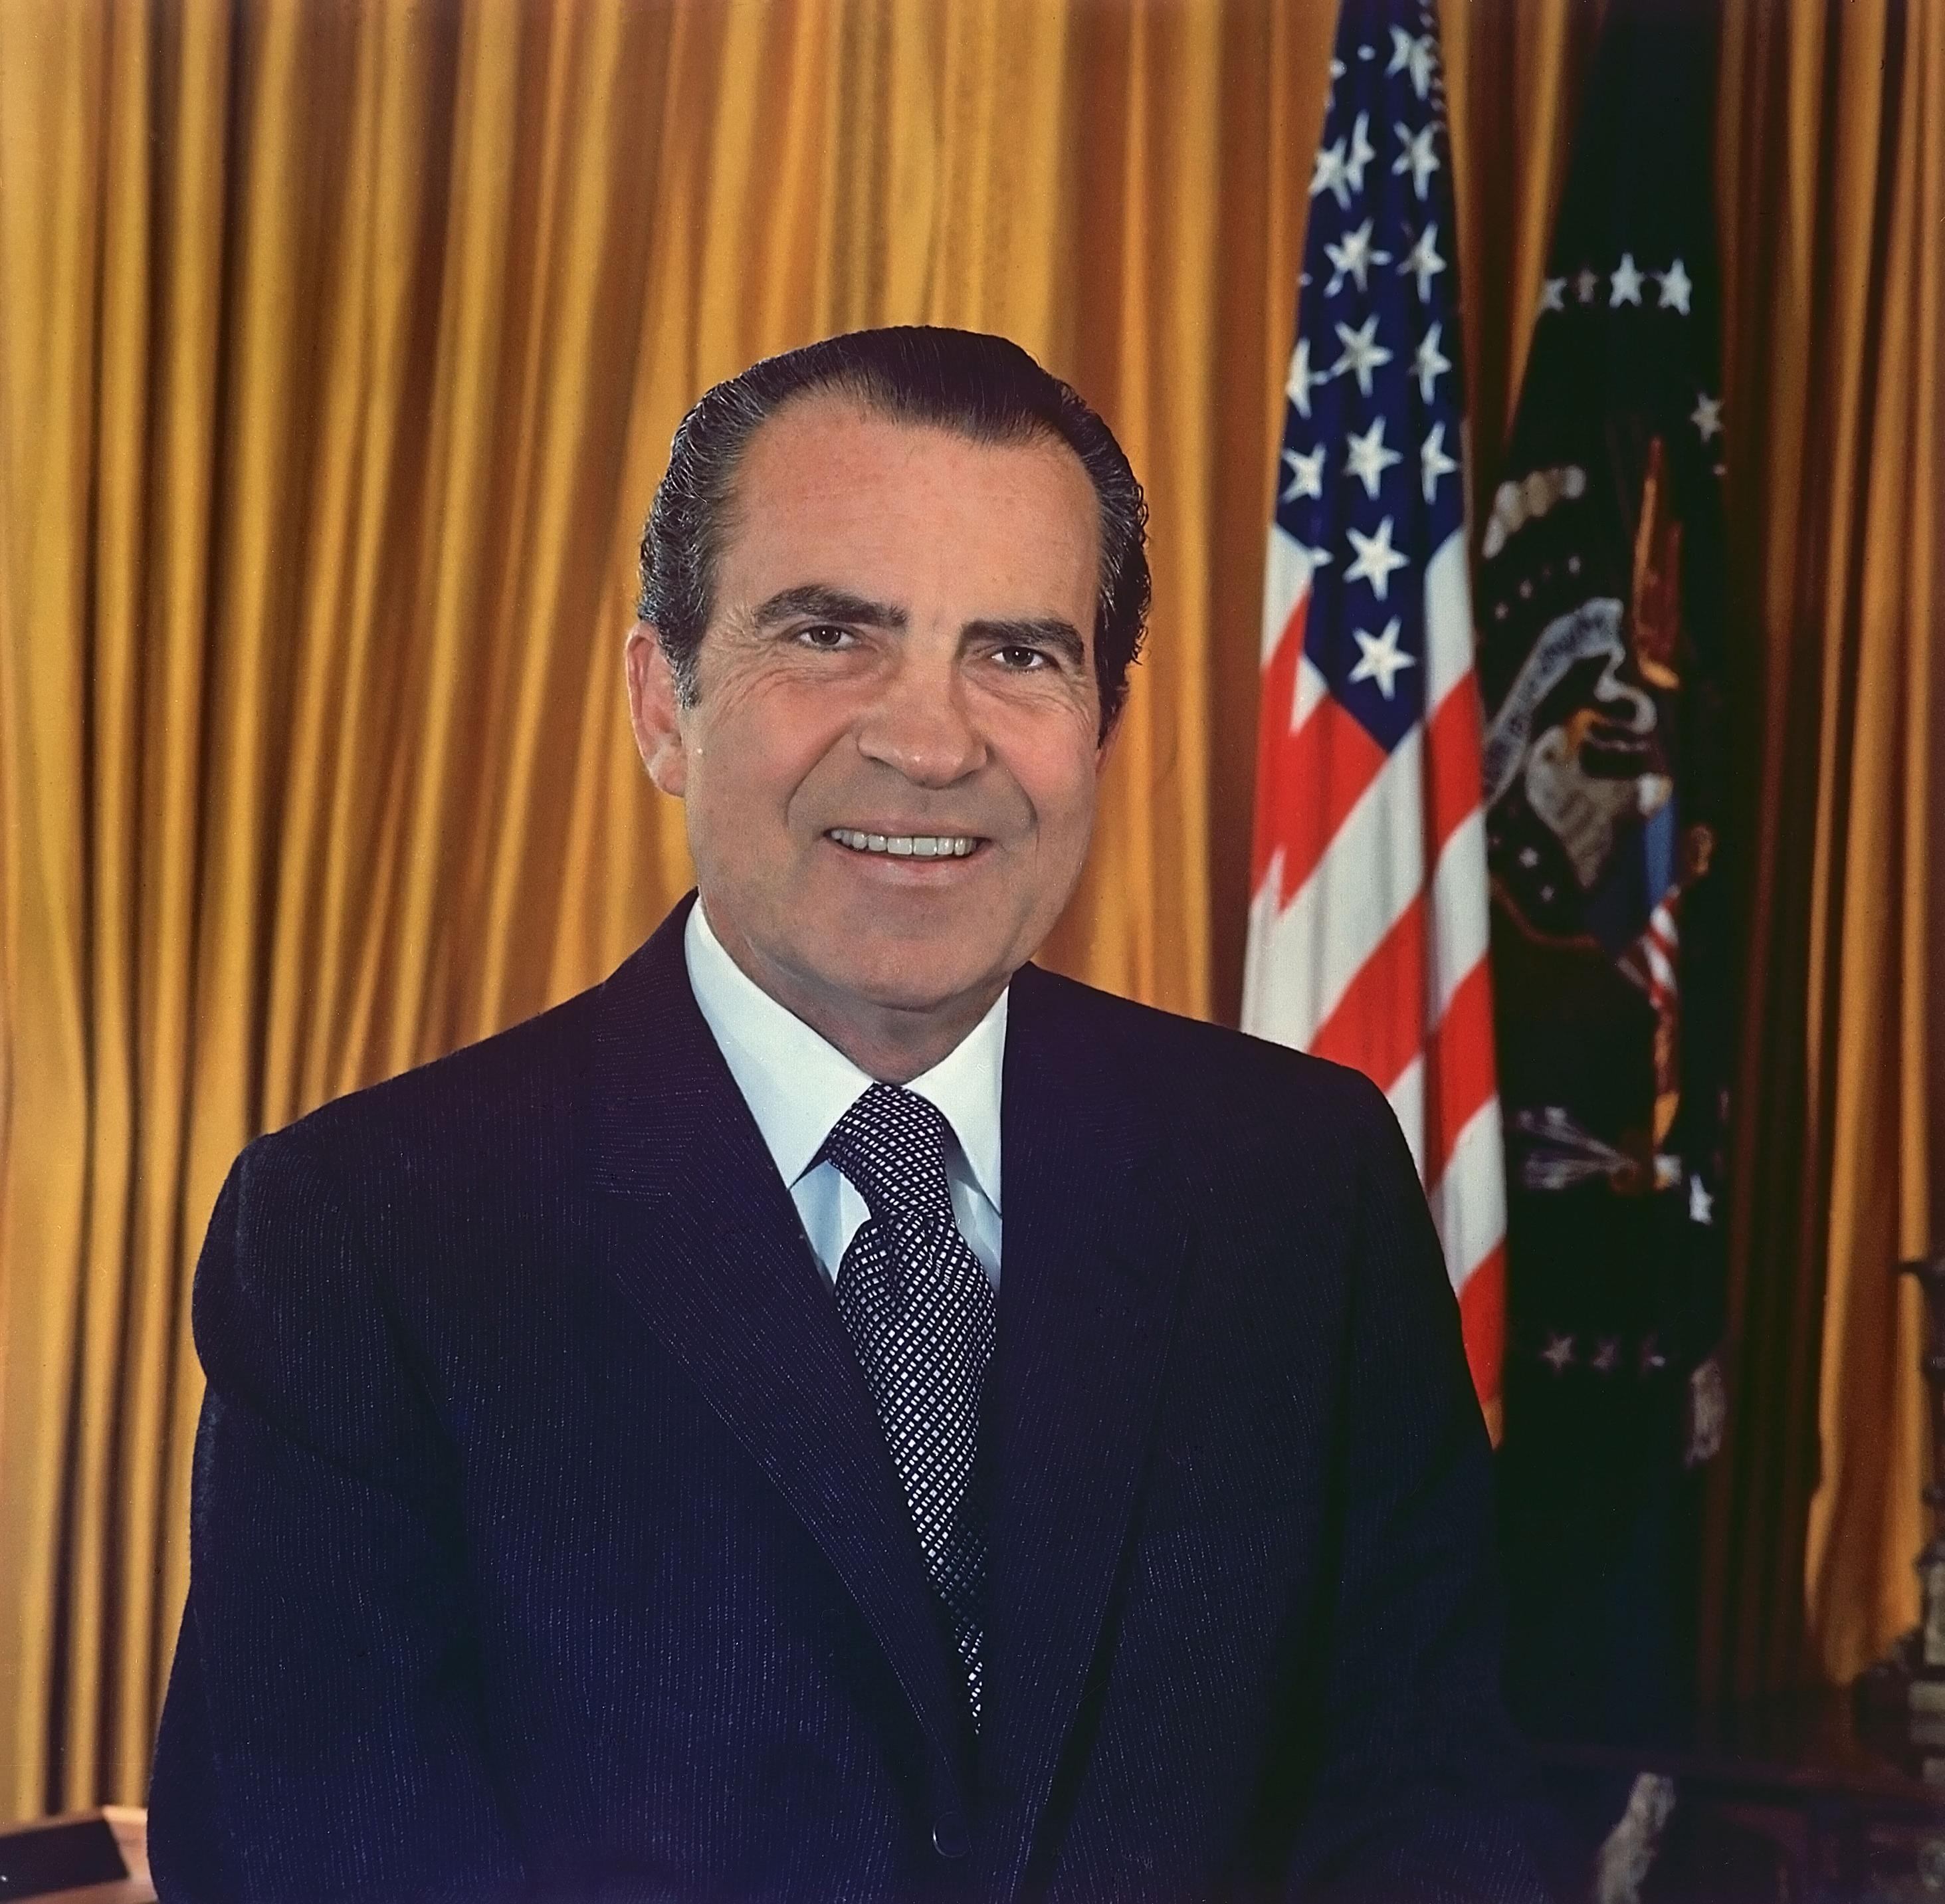 Richard Nixon Latest Photo